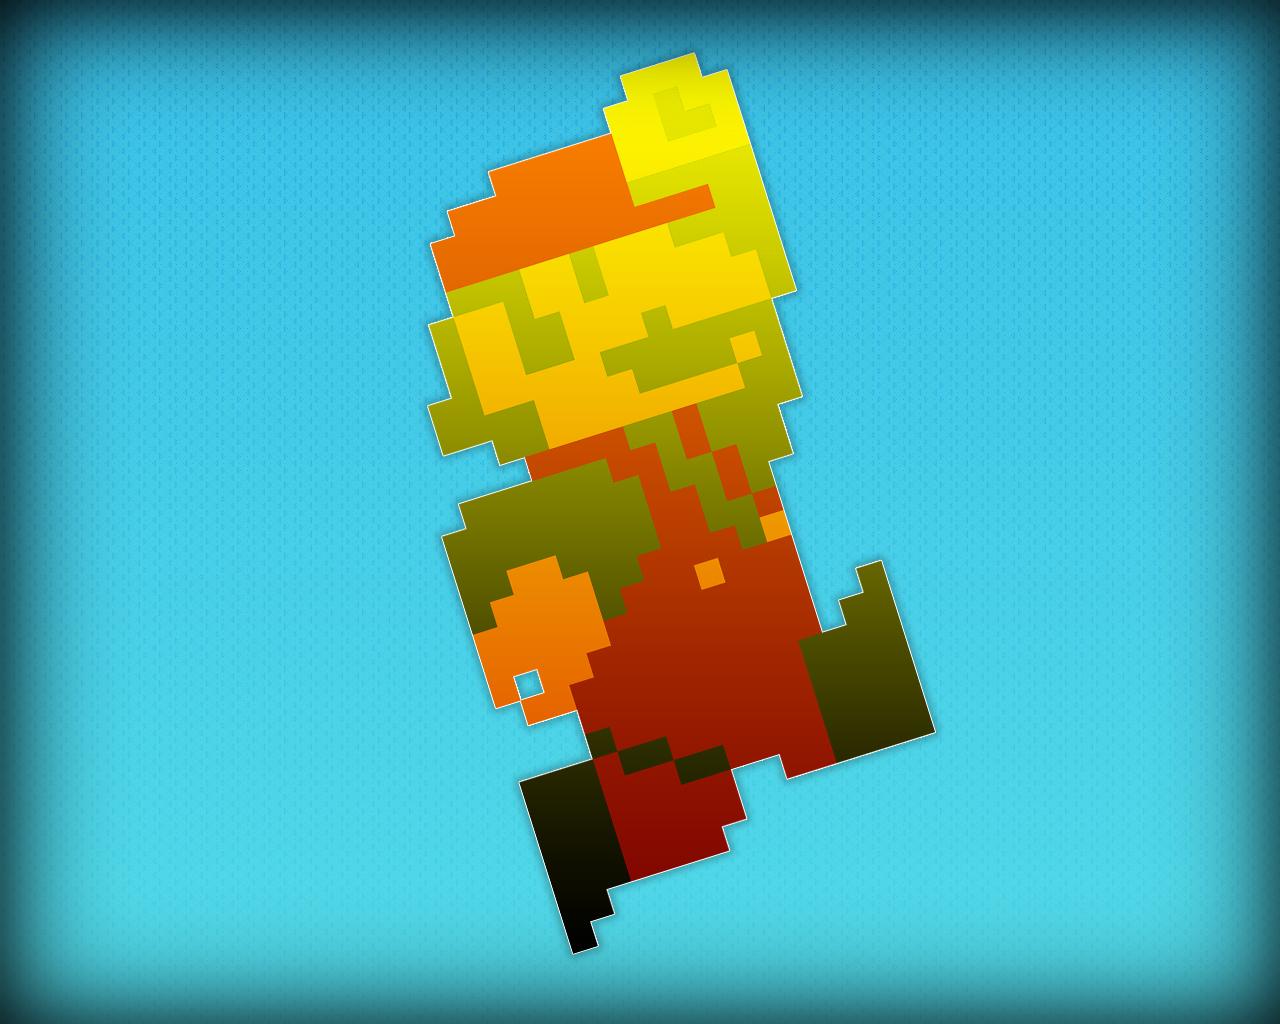 Super Mario Bros NES Wallpaper - WallpaperSafari